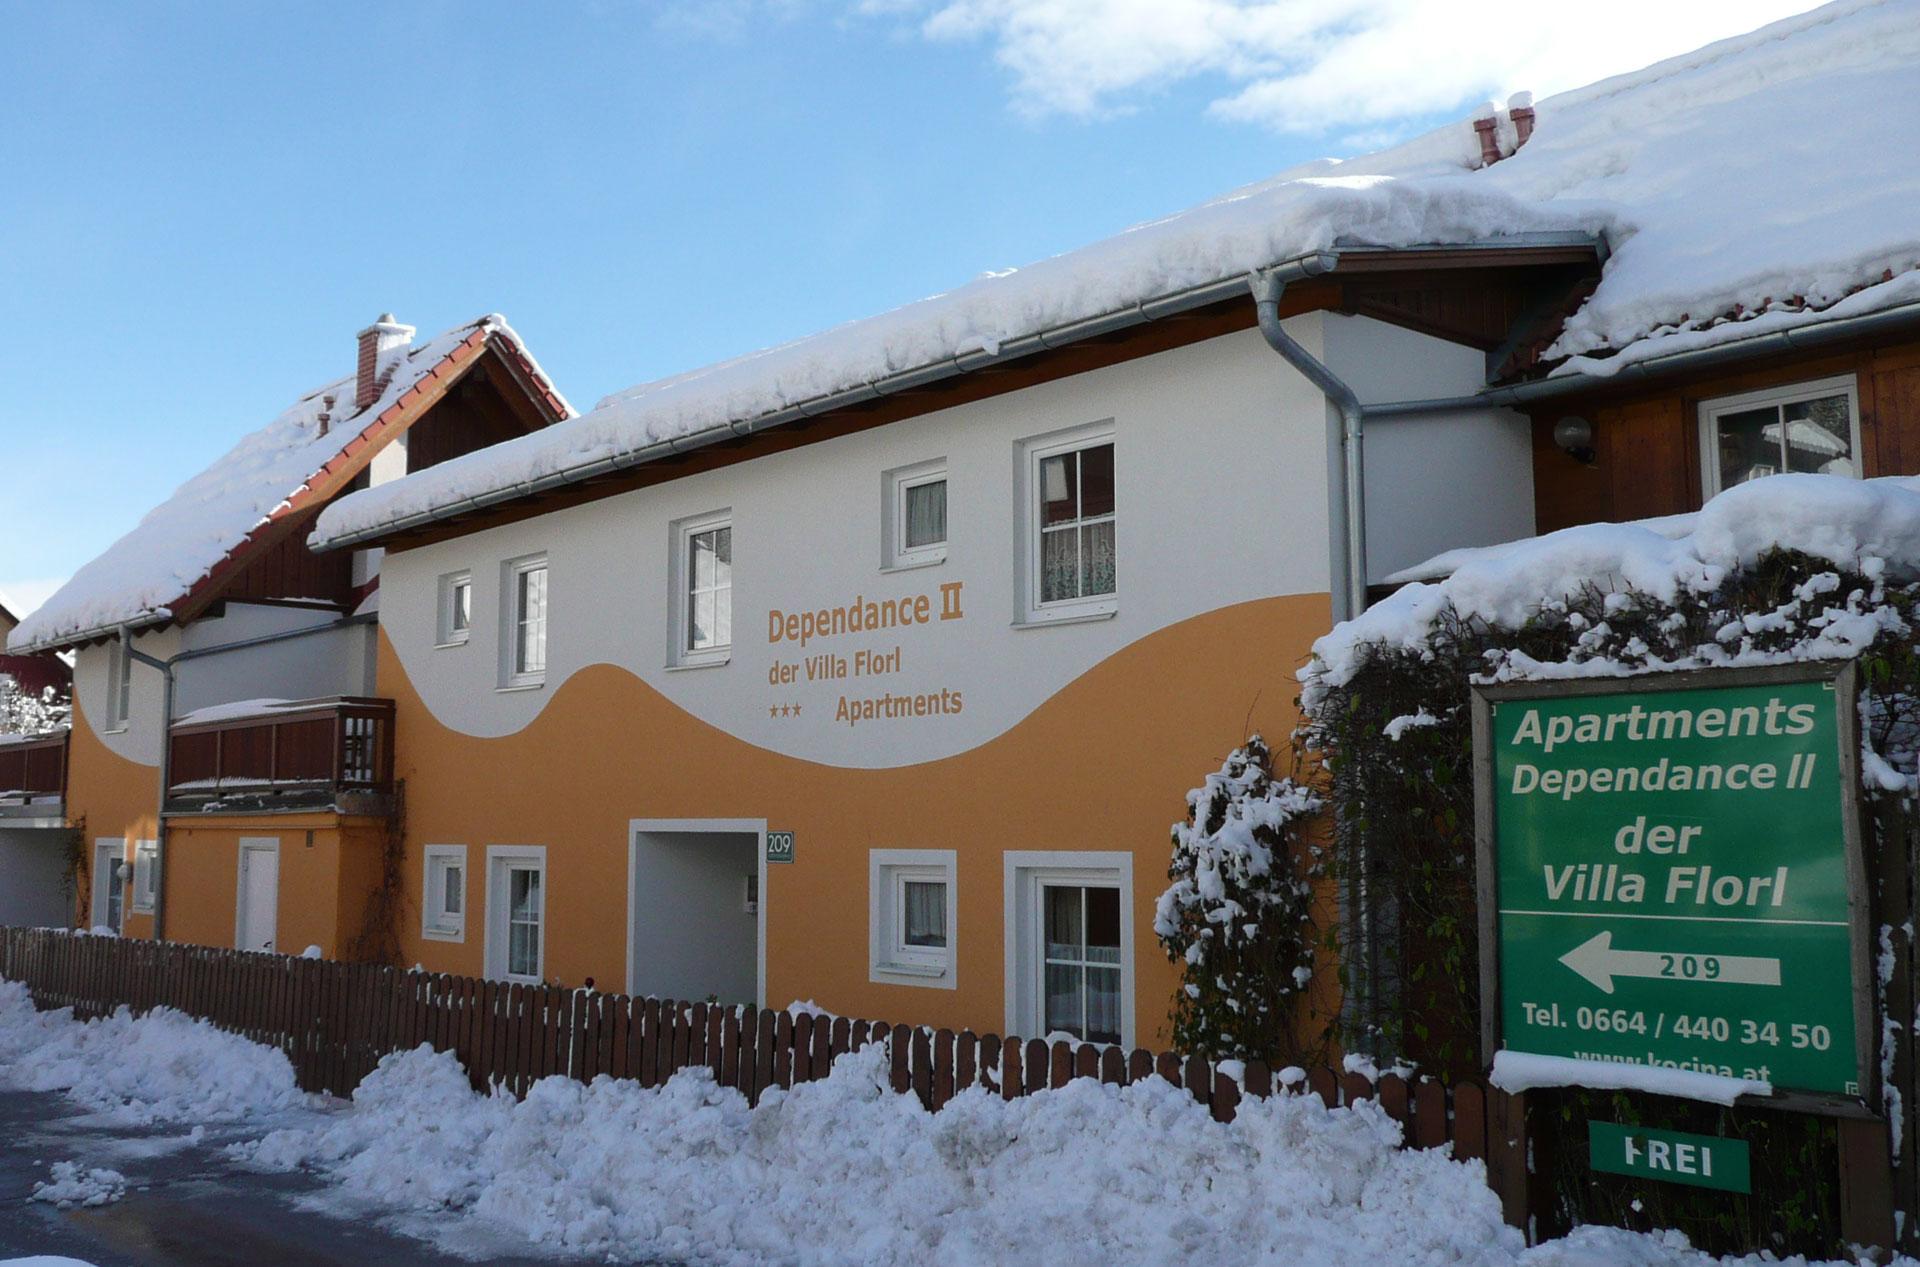 Dependance II der Villa Florl in Schadming